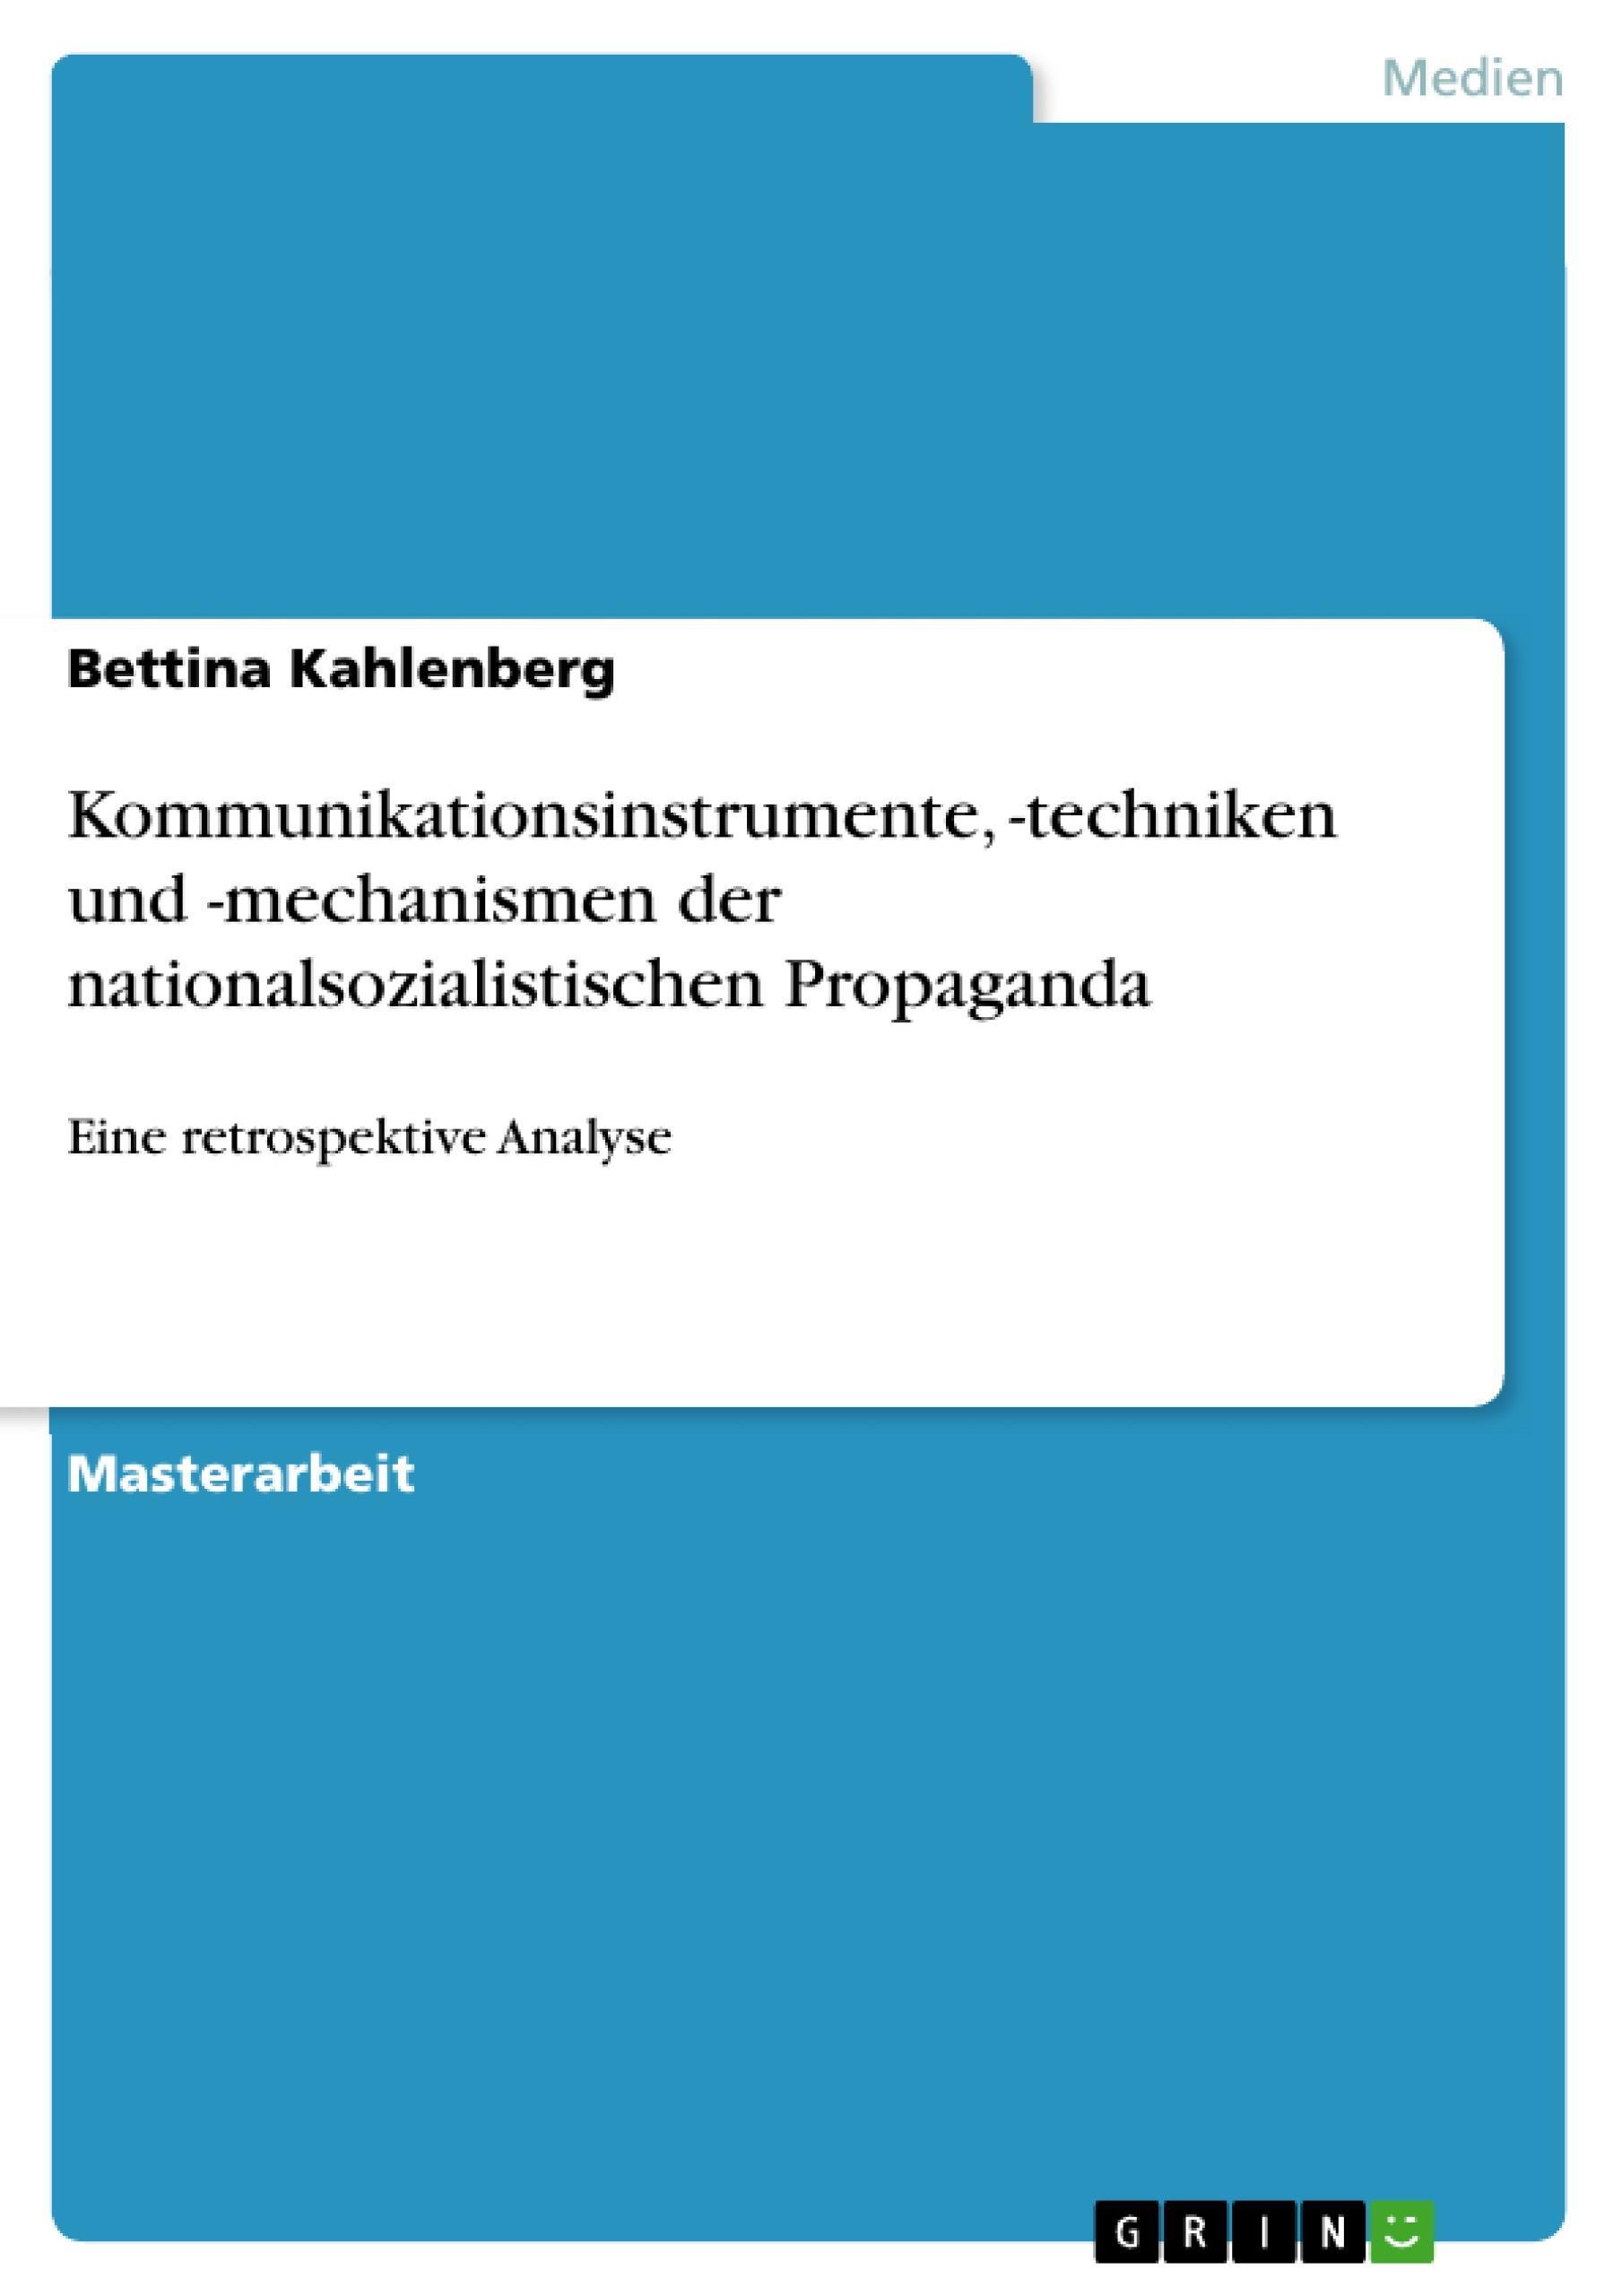 Kommunikationsinstrumente, -techniken und -mechanismen der nationalsozialis ...